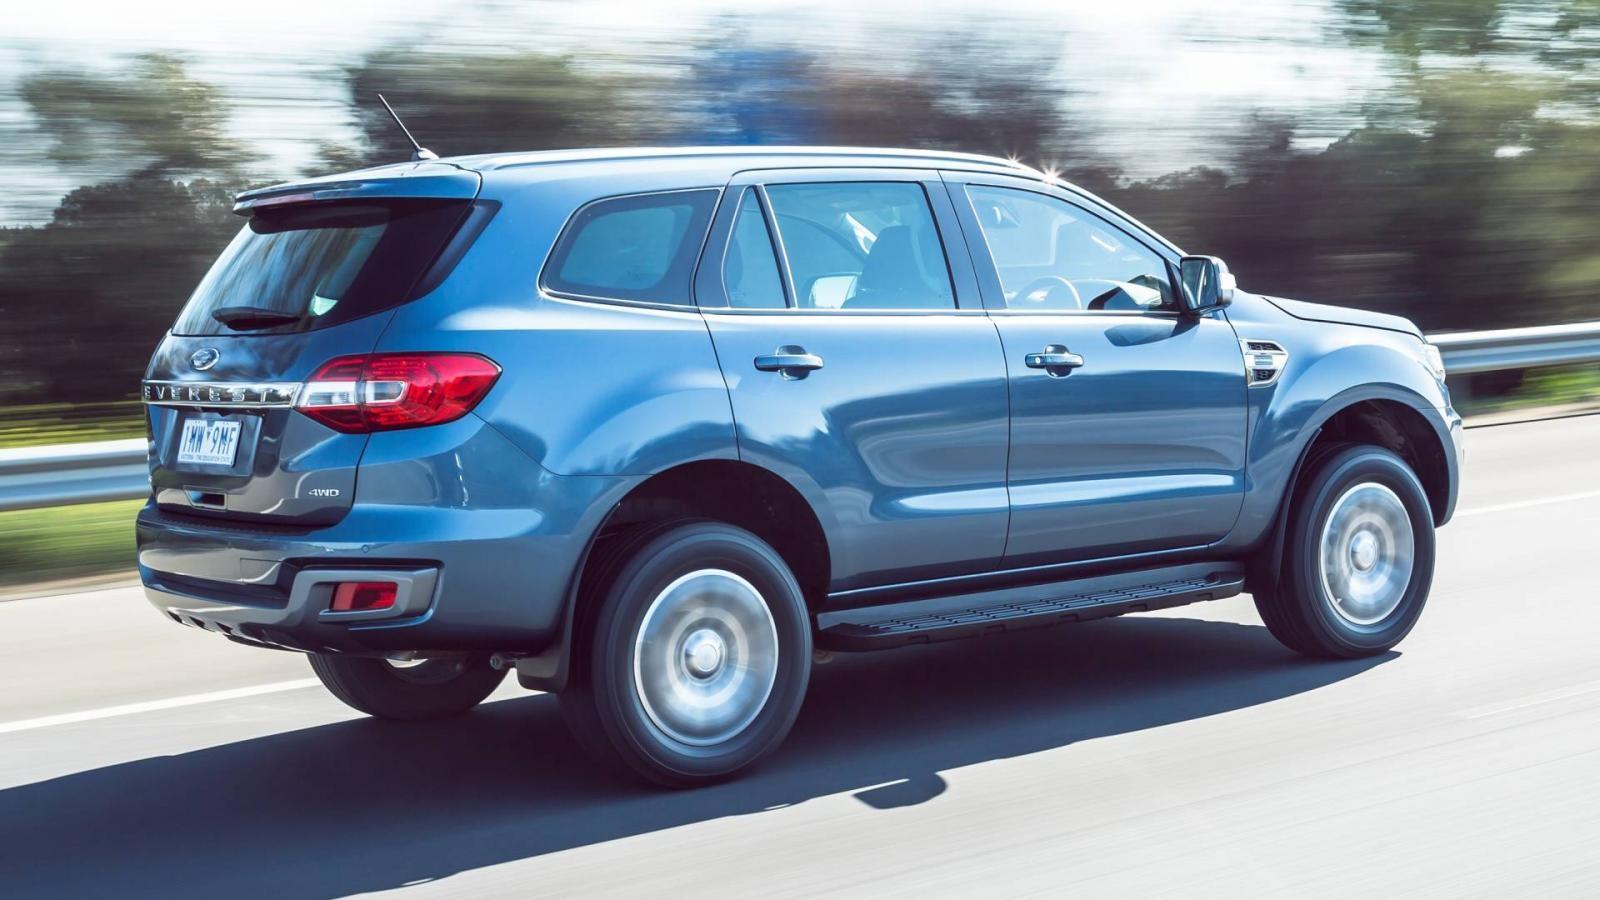 Động cơ và thiết kế của Ford Everest 2019 không thay đổi so với trước